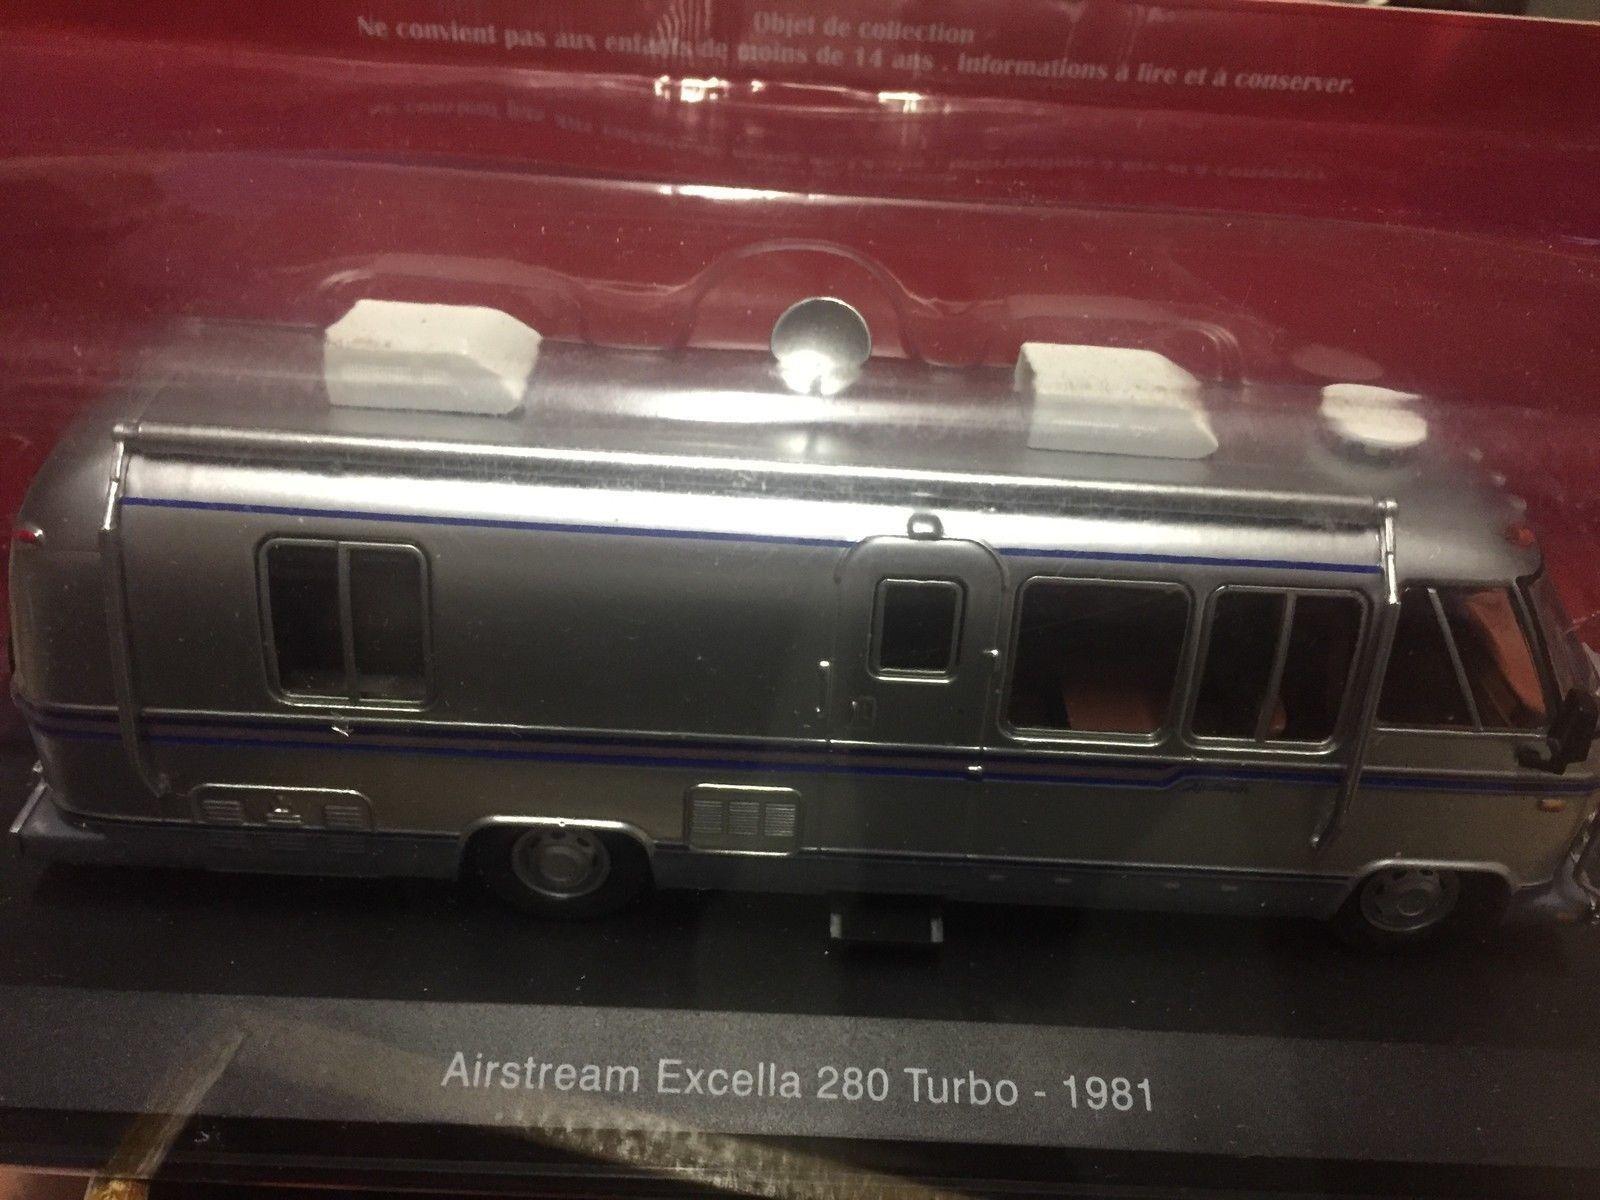 Csmper Airatream Excella 280 Turbo 1981 - DIE CAST 1 43